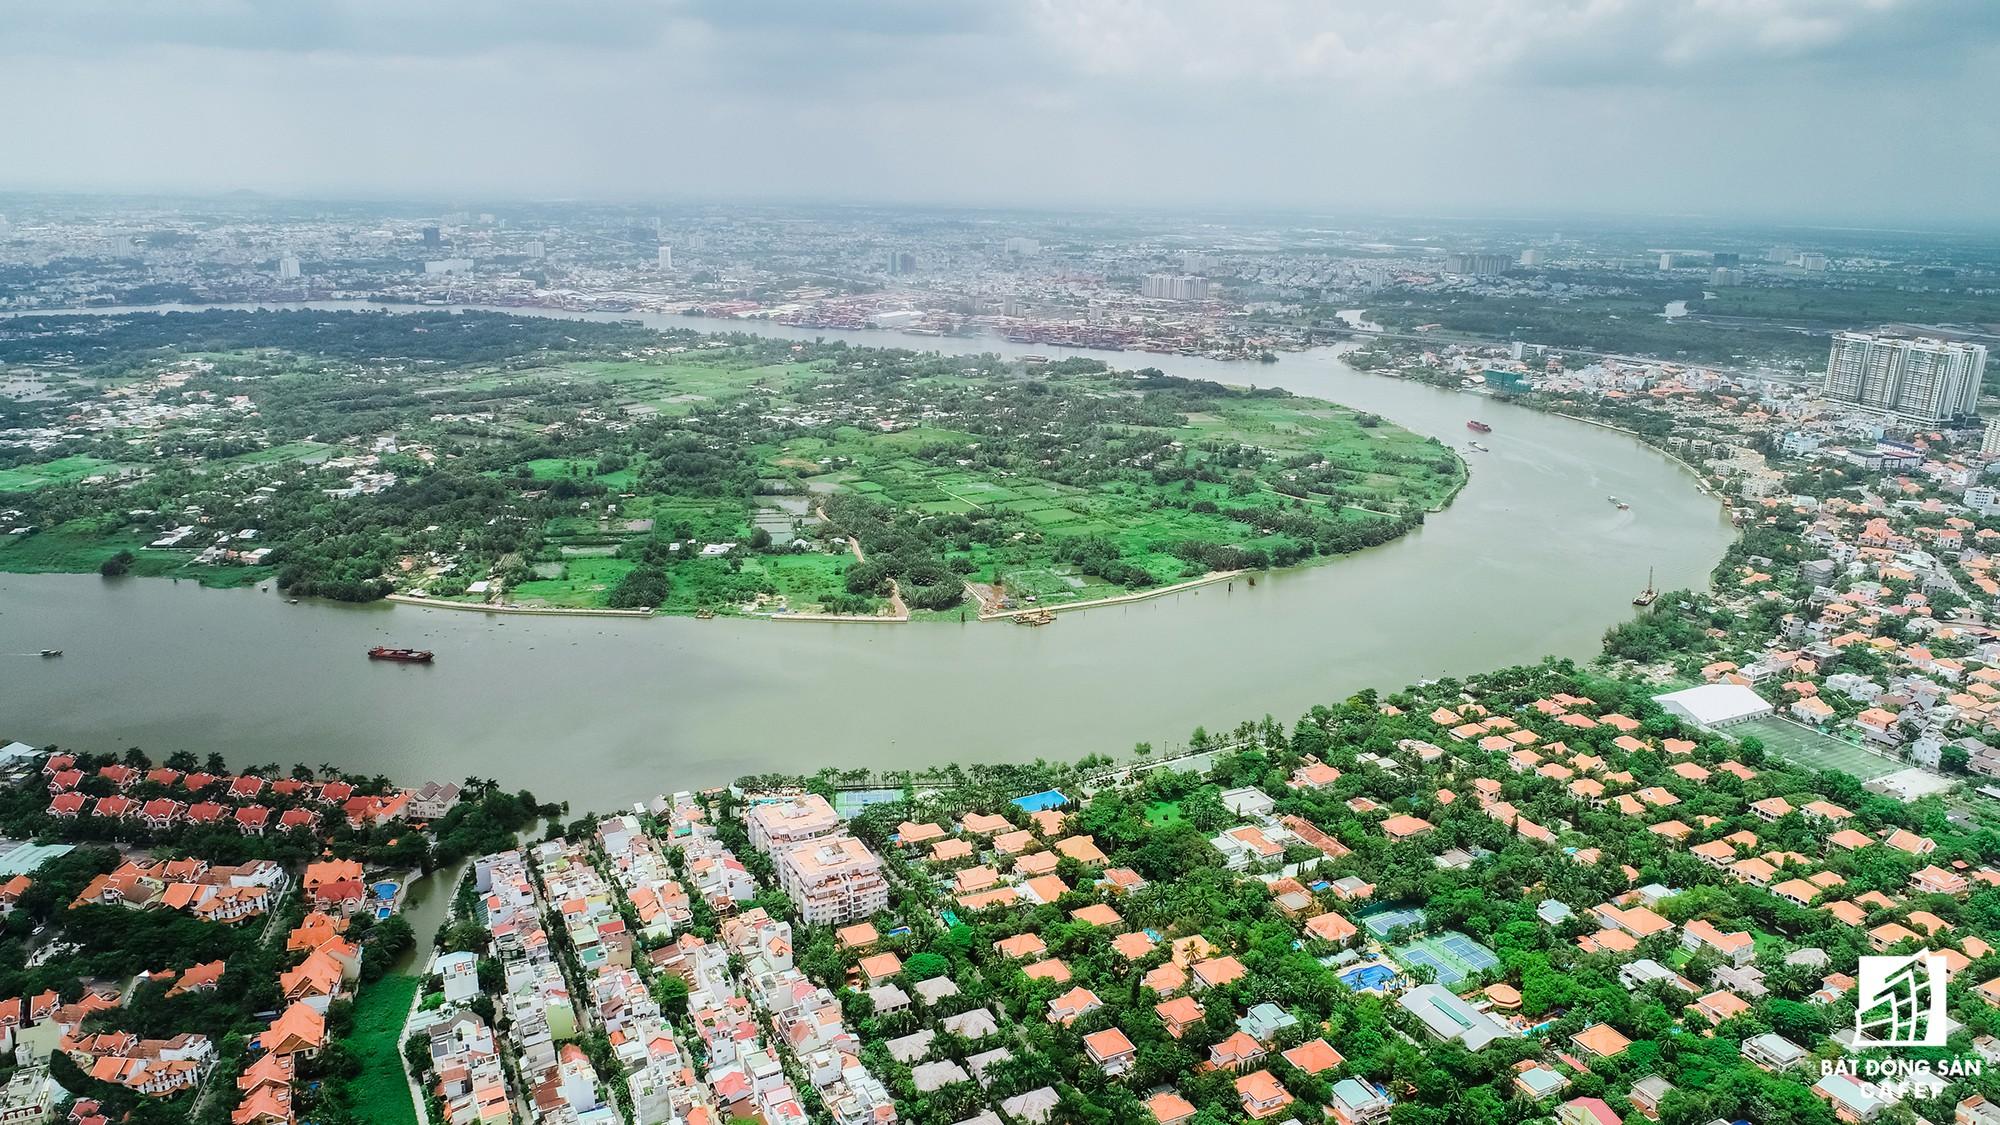 Nhà giàu cũng khóc trong những khu biệt thự sang chảnh bậc nhất Sài Gòn - Ảnh 9.